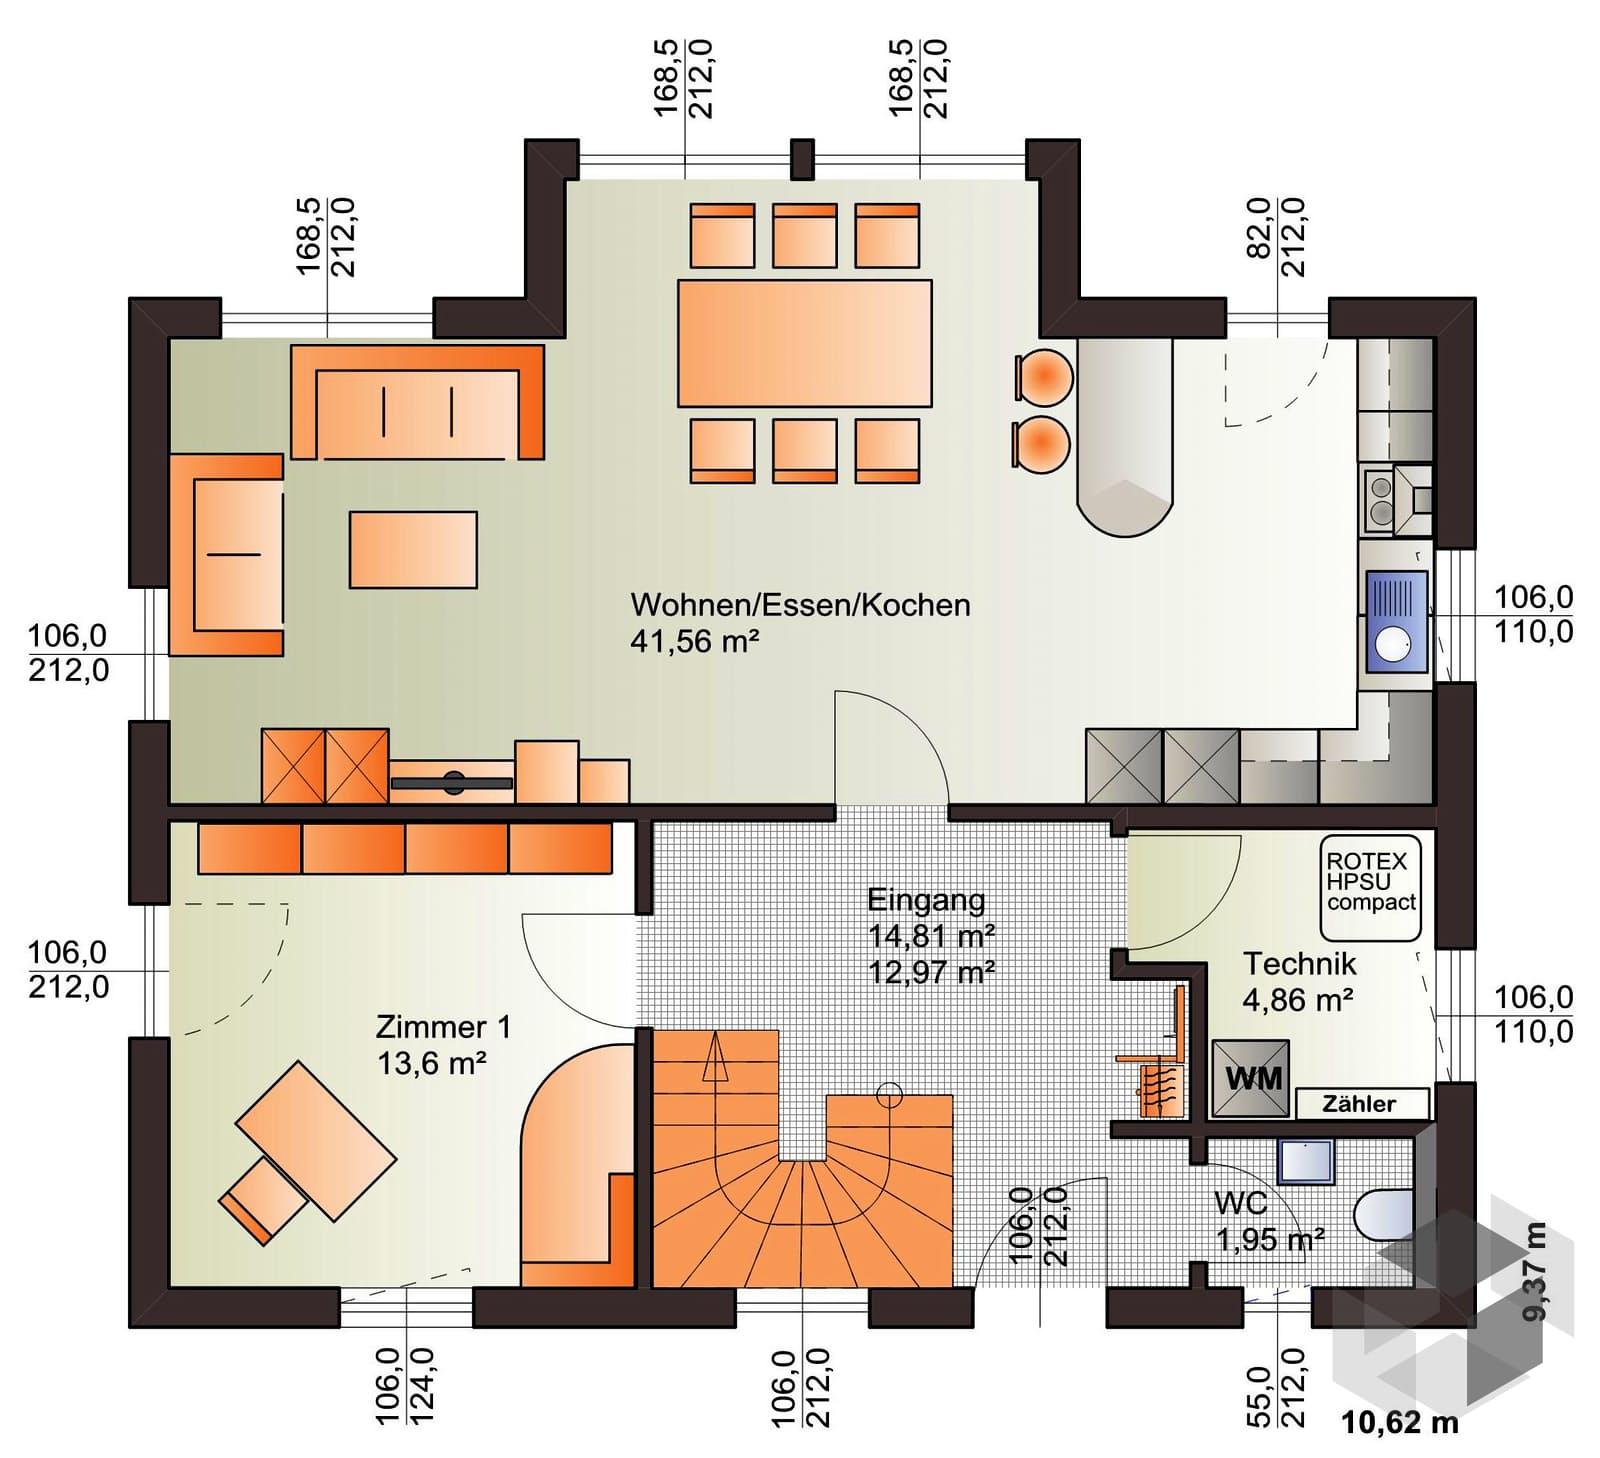 esprit 149 von b renhaus komplette daten bersicht. Black Bedroom Furniture Sets. Home Design Ideas